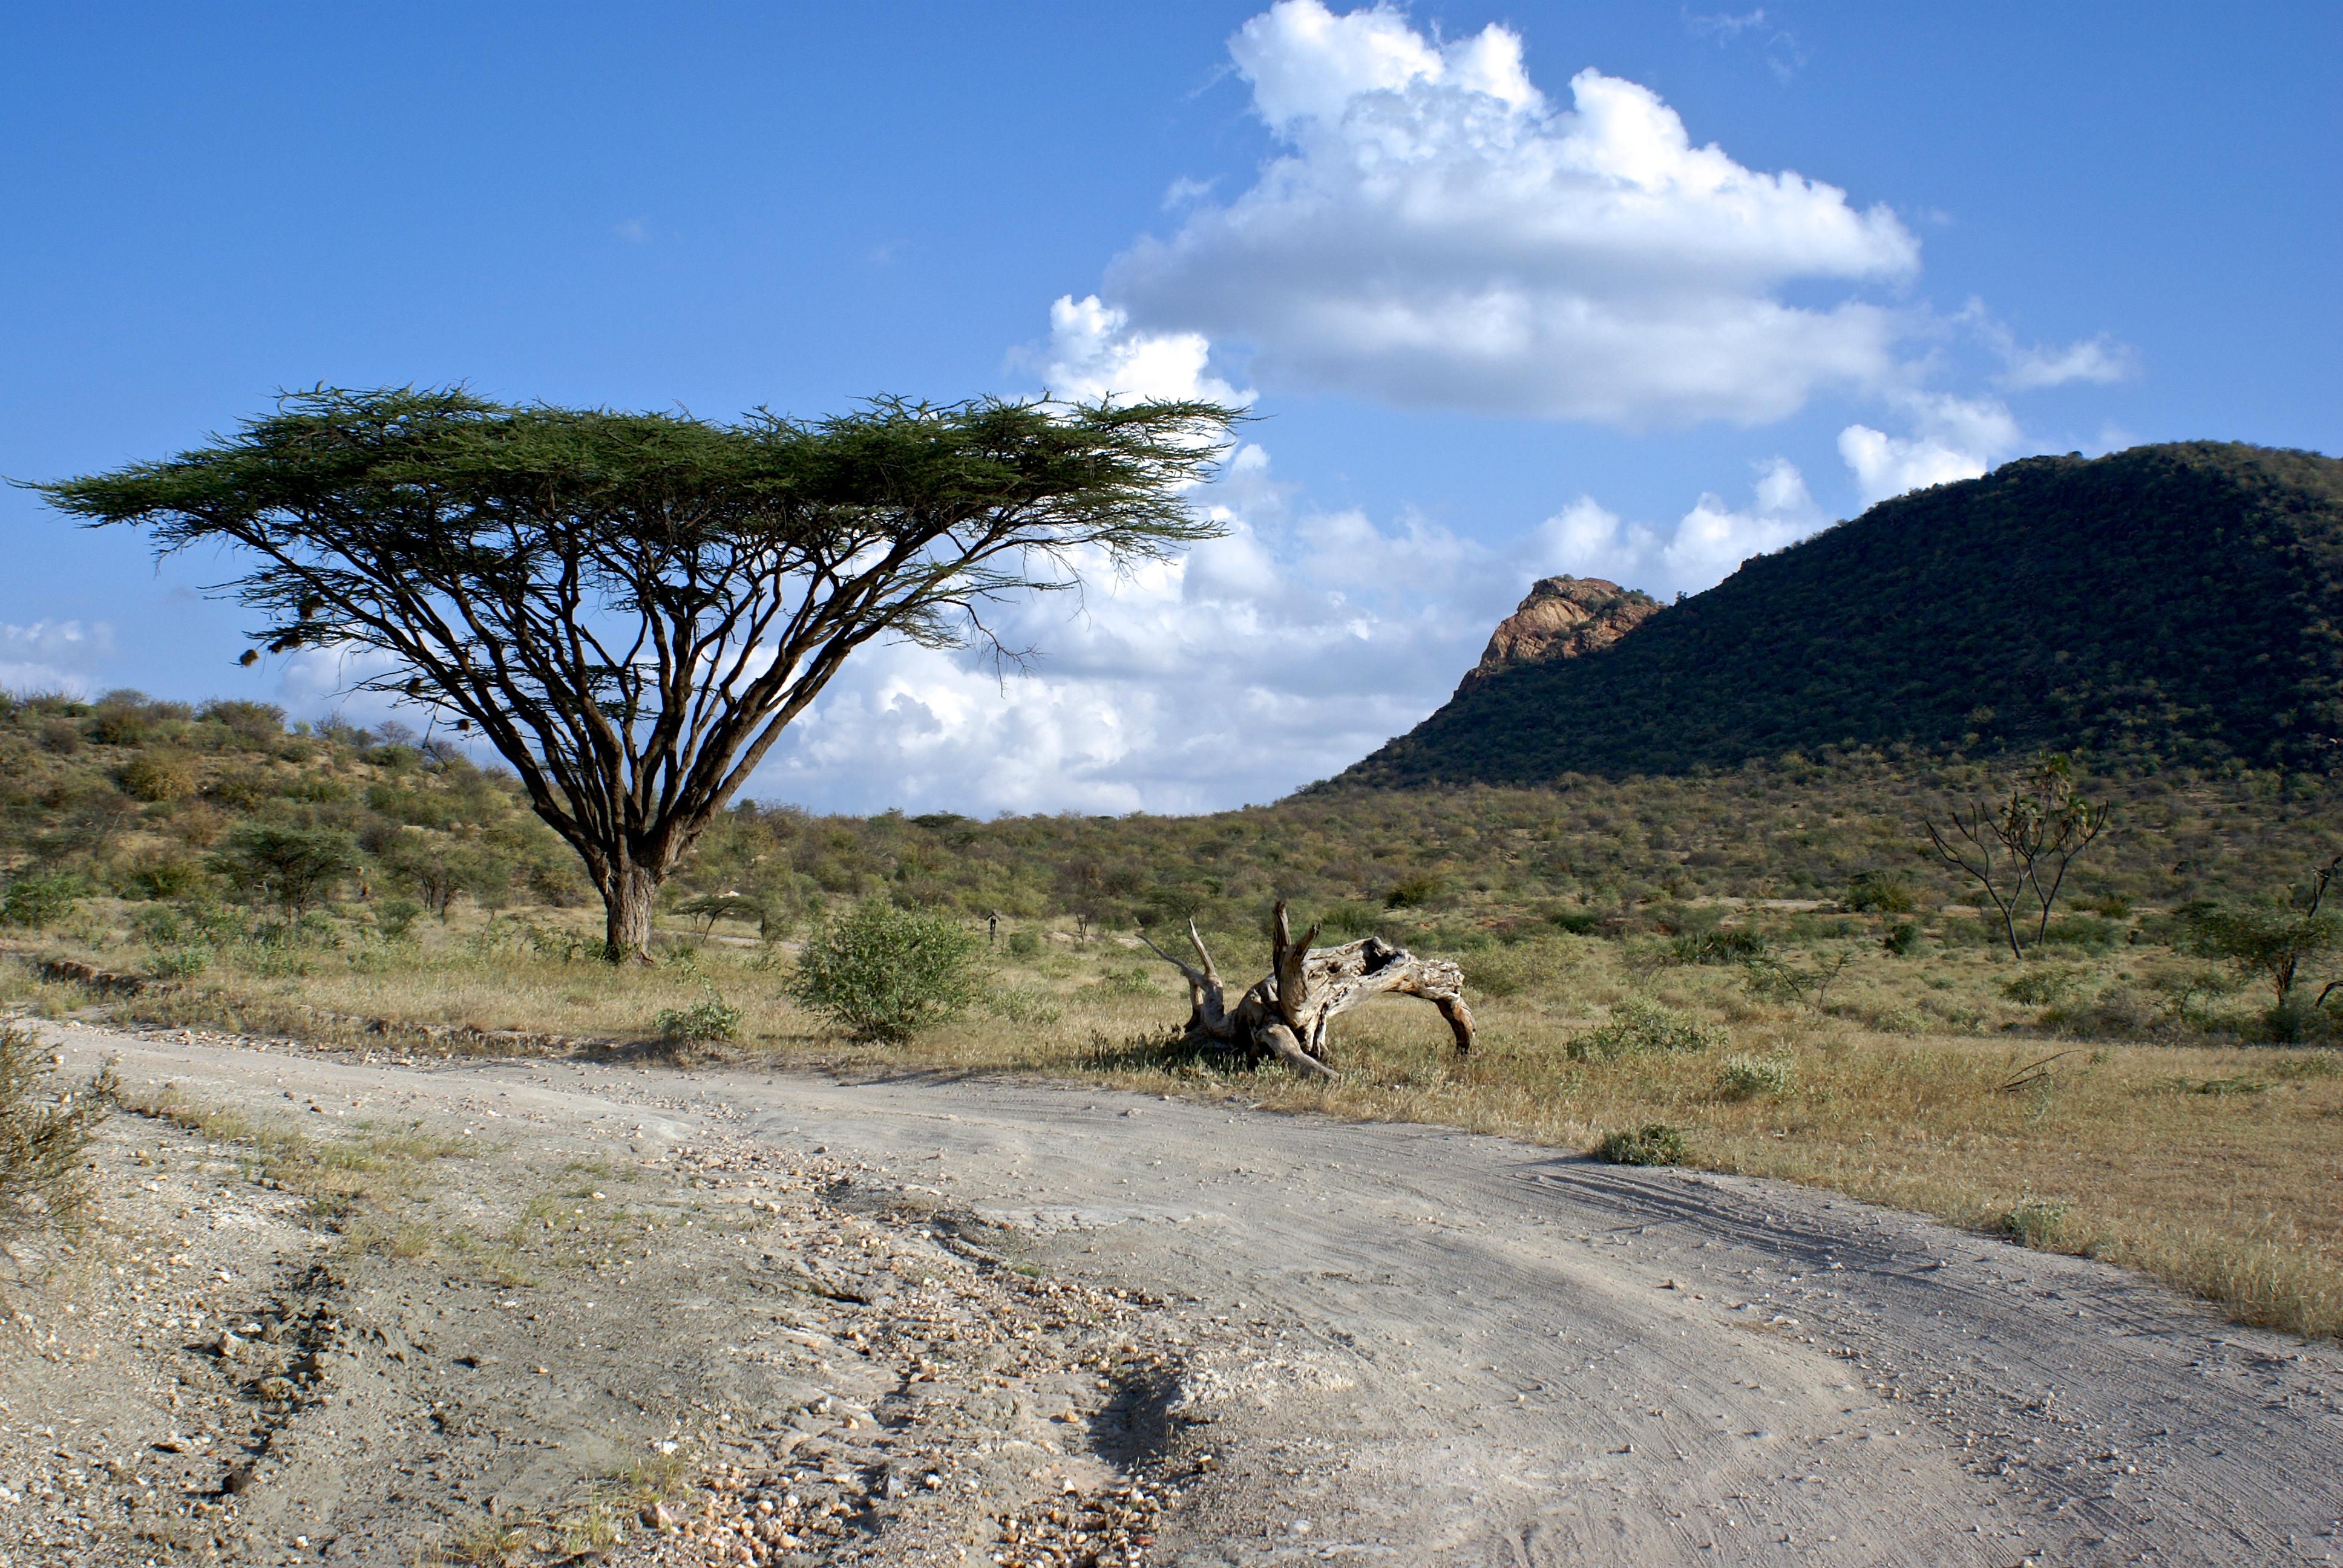 Descubre los majestuosos paisajes de la exclusiva Reserva Nacional de Shaba - Kenia Safari Safari en Kenia: Reserva Nacional Shaba